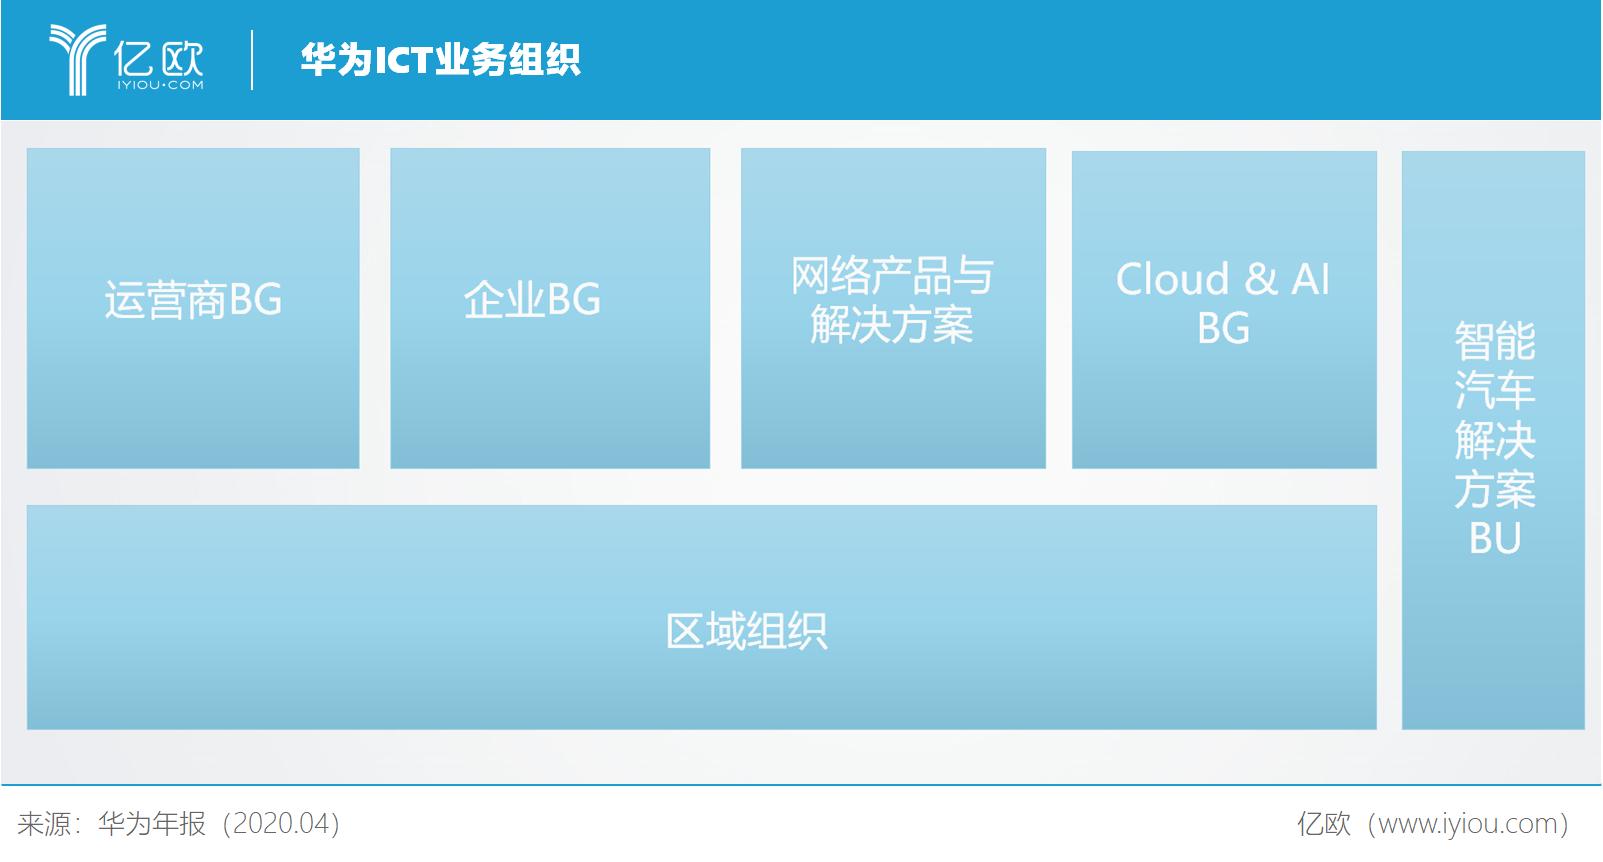 华为ICT业务组织